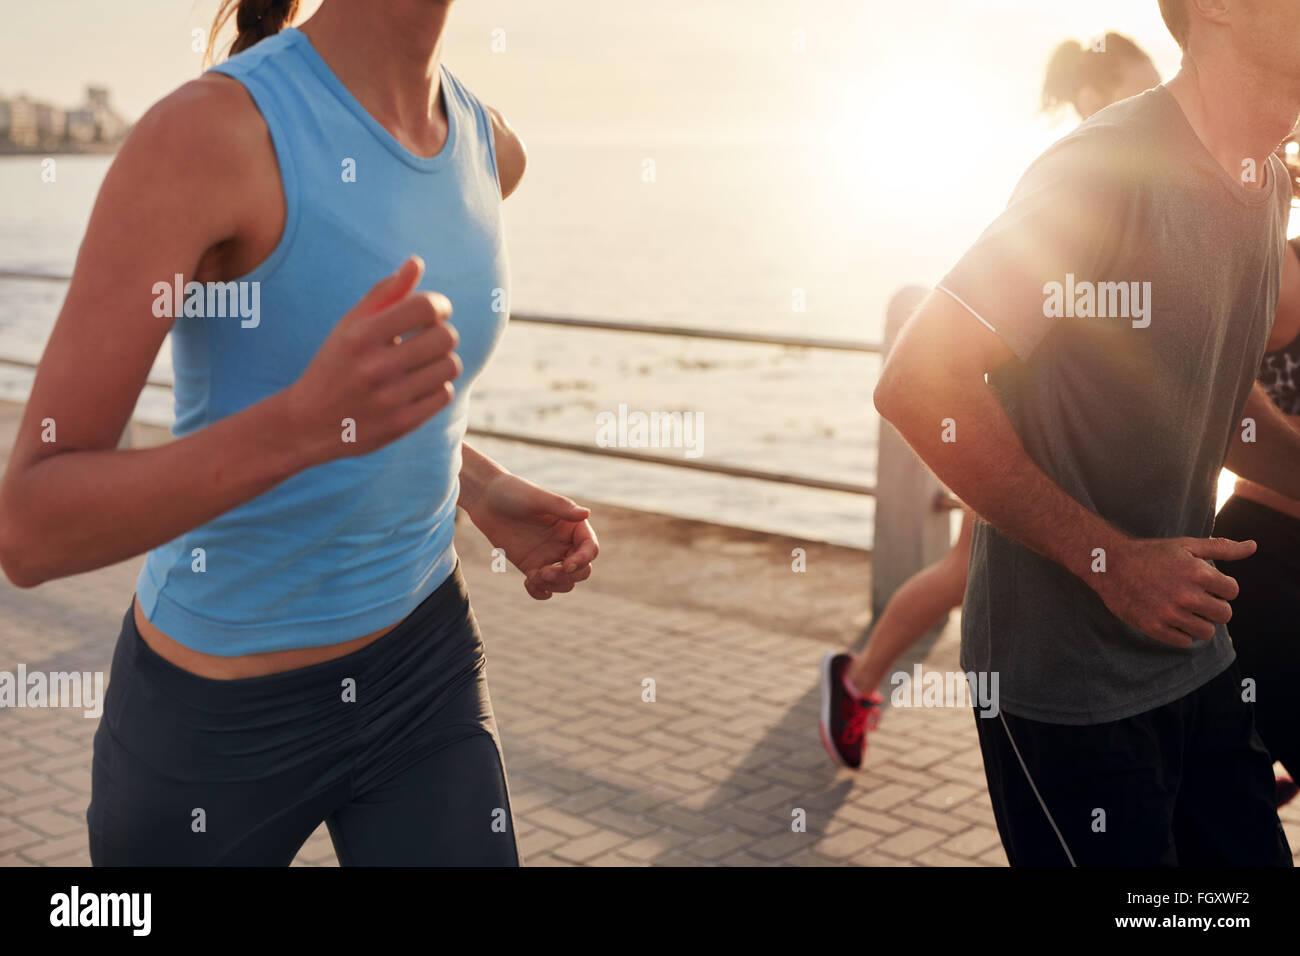 Ritagliato colpo di giovani che corre lungo il mare al tramonto. Primo piano immagine del gruppo di corridori che Immagini Stock